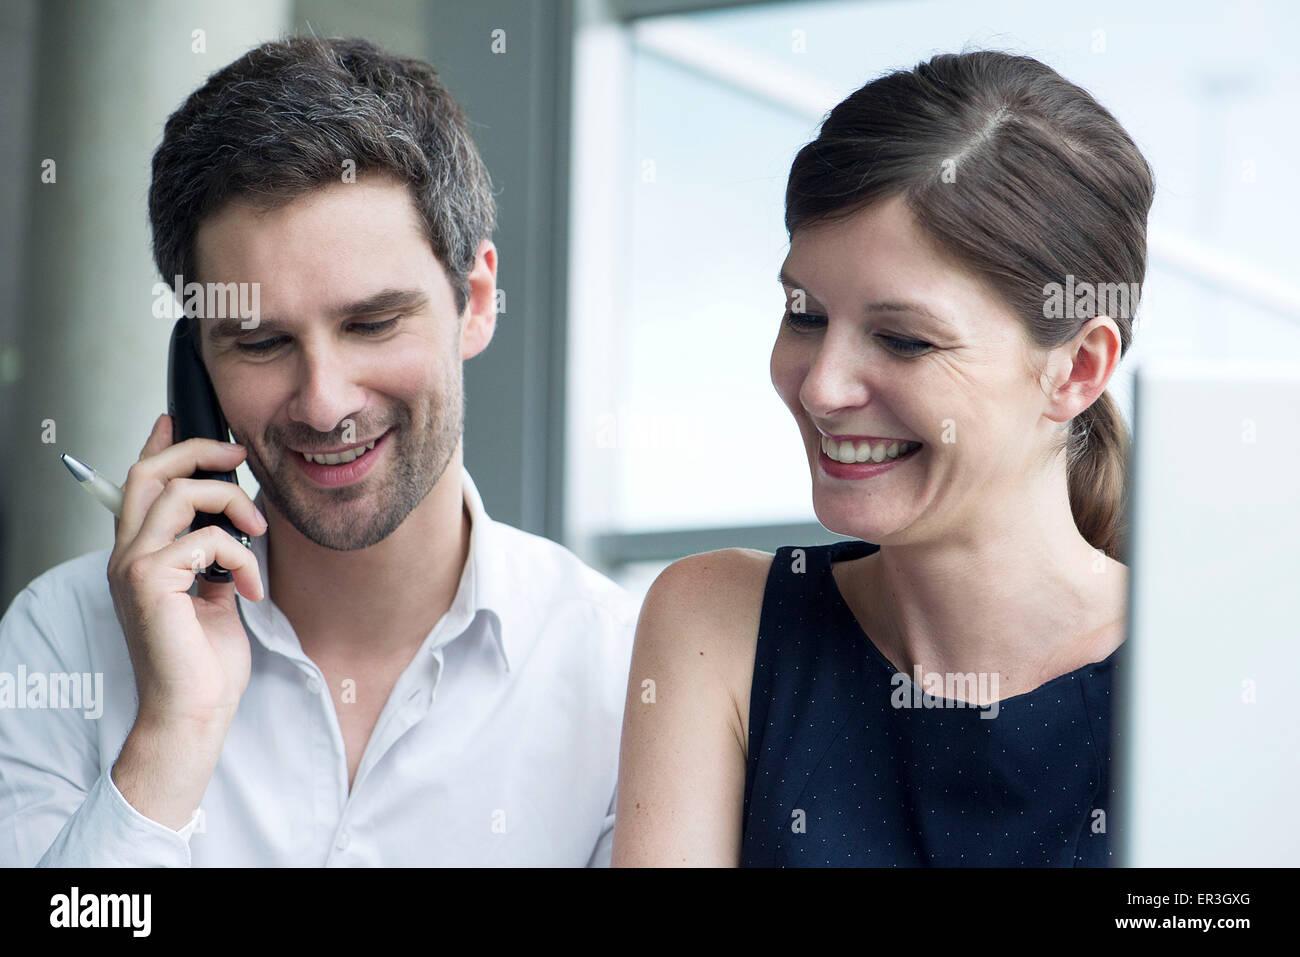 Kollegen zusammen, lächelnd Mann reden über Handy Stockbild